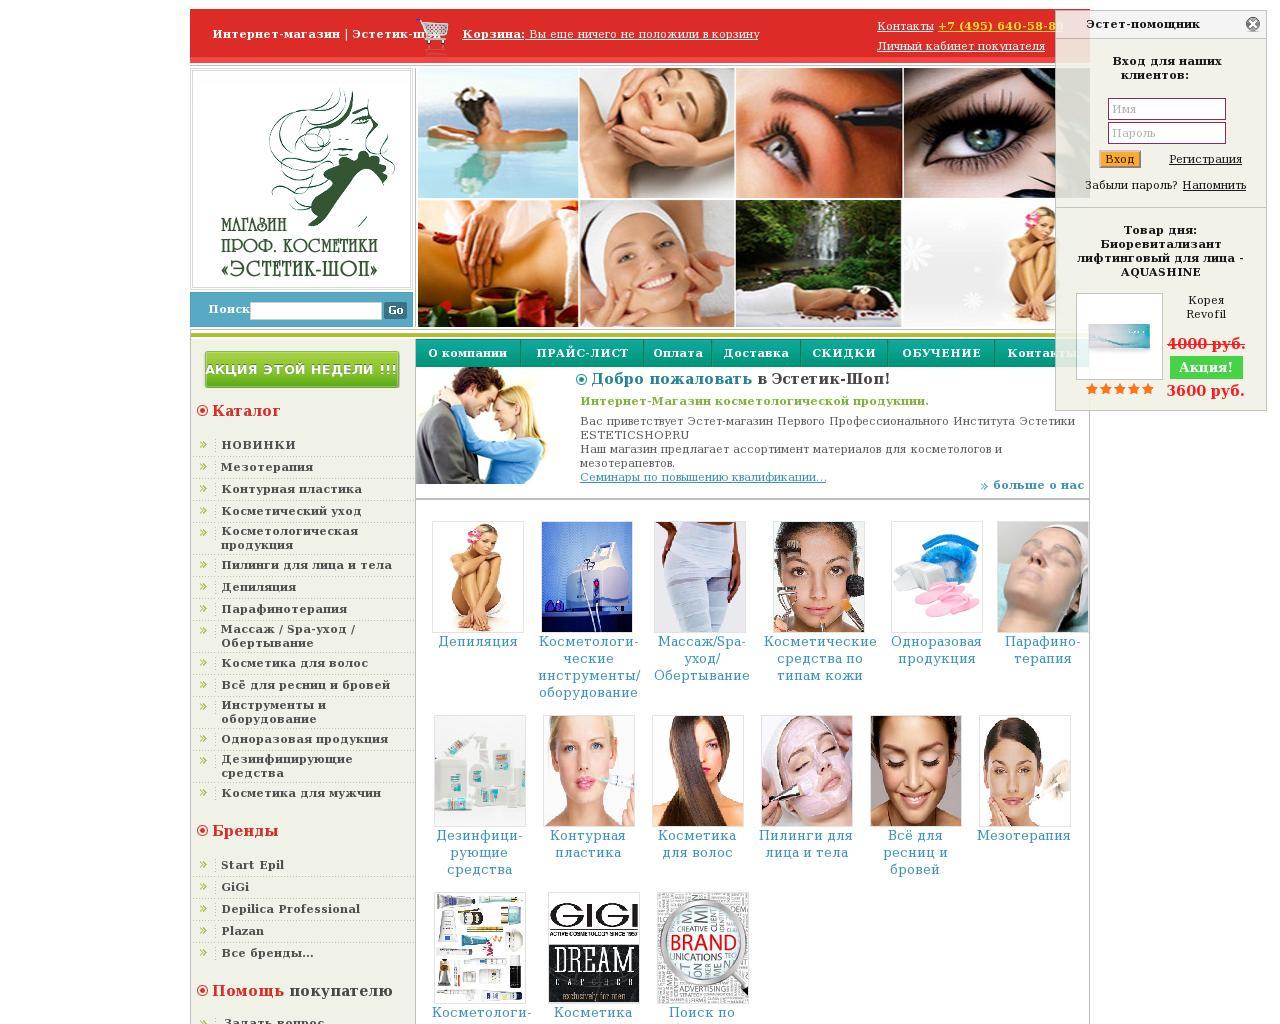 Институт эстетики купить косметику купить косметику лореаль в ростове